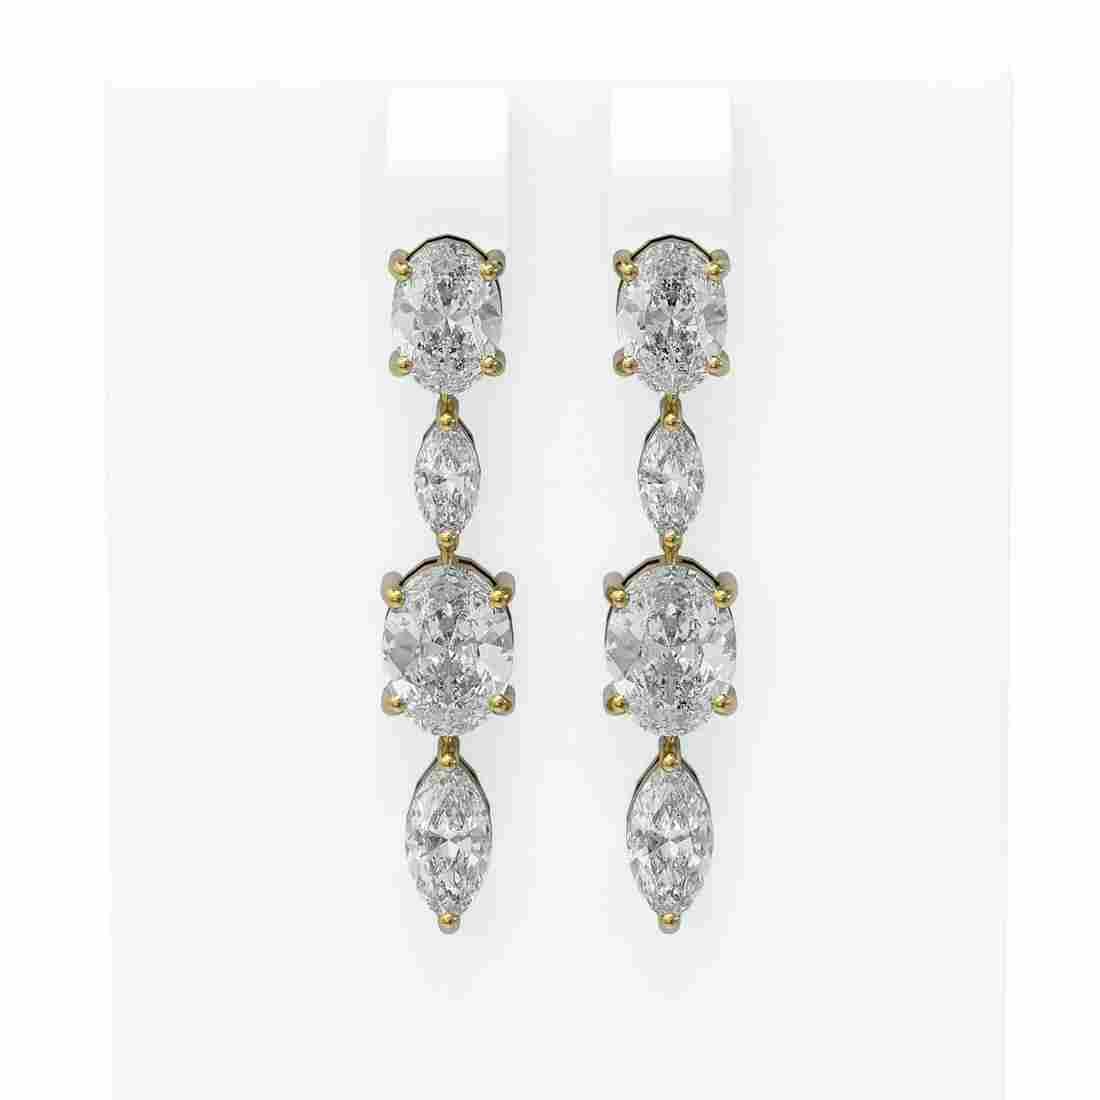 3.88 ctw Diamond Earrings 18K Yellow Gold - REF-584G8W